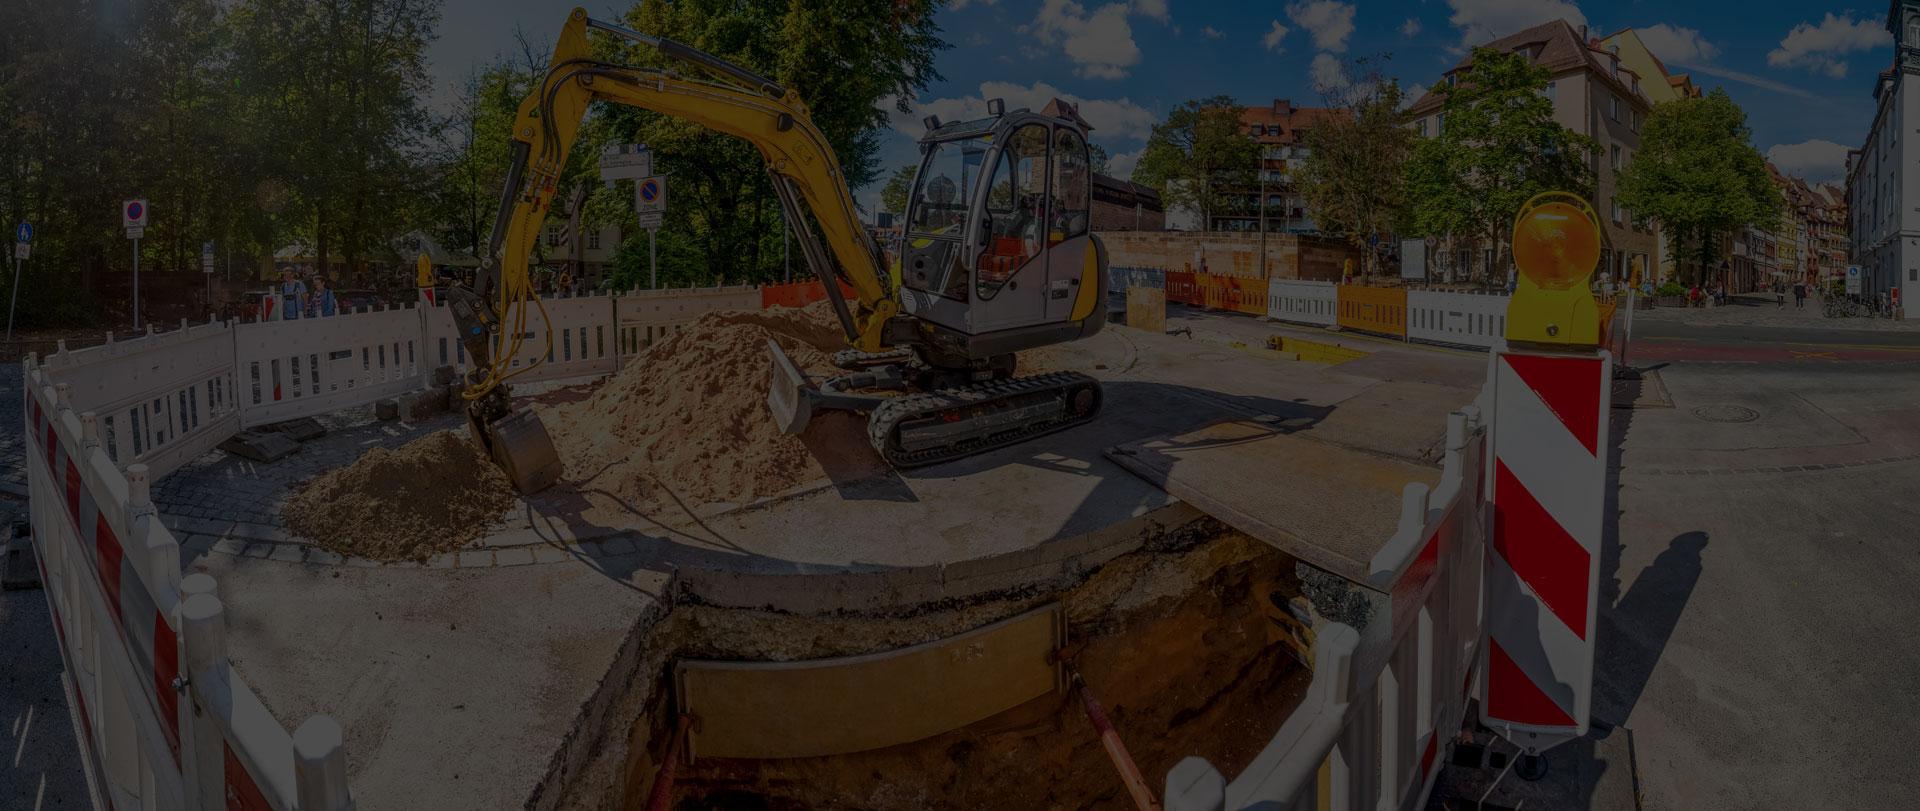 Matériels et équipements de chantier